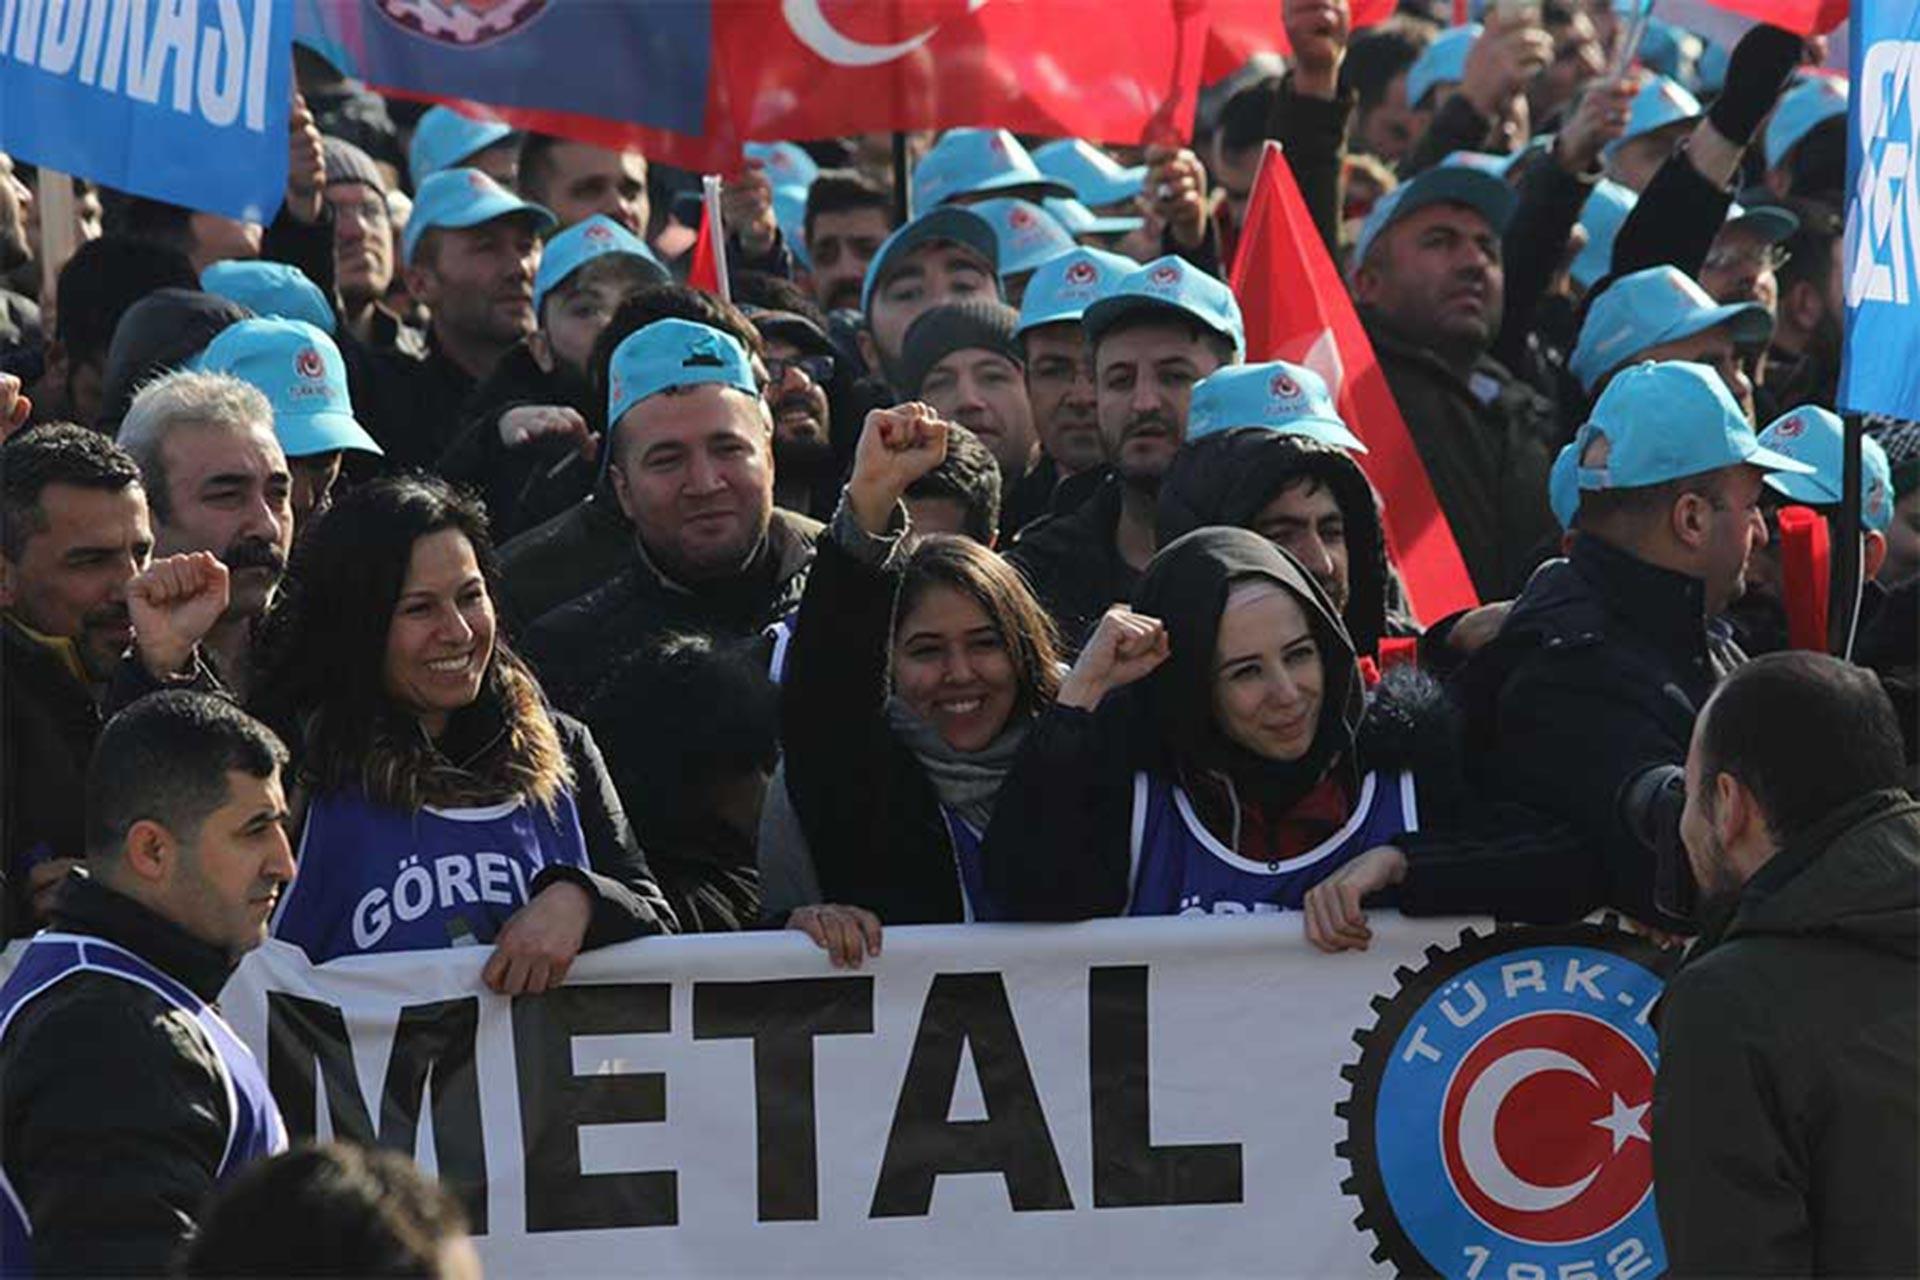 Türk Metal üyesi kadınlar kortejin en önünde yer aldı.